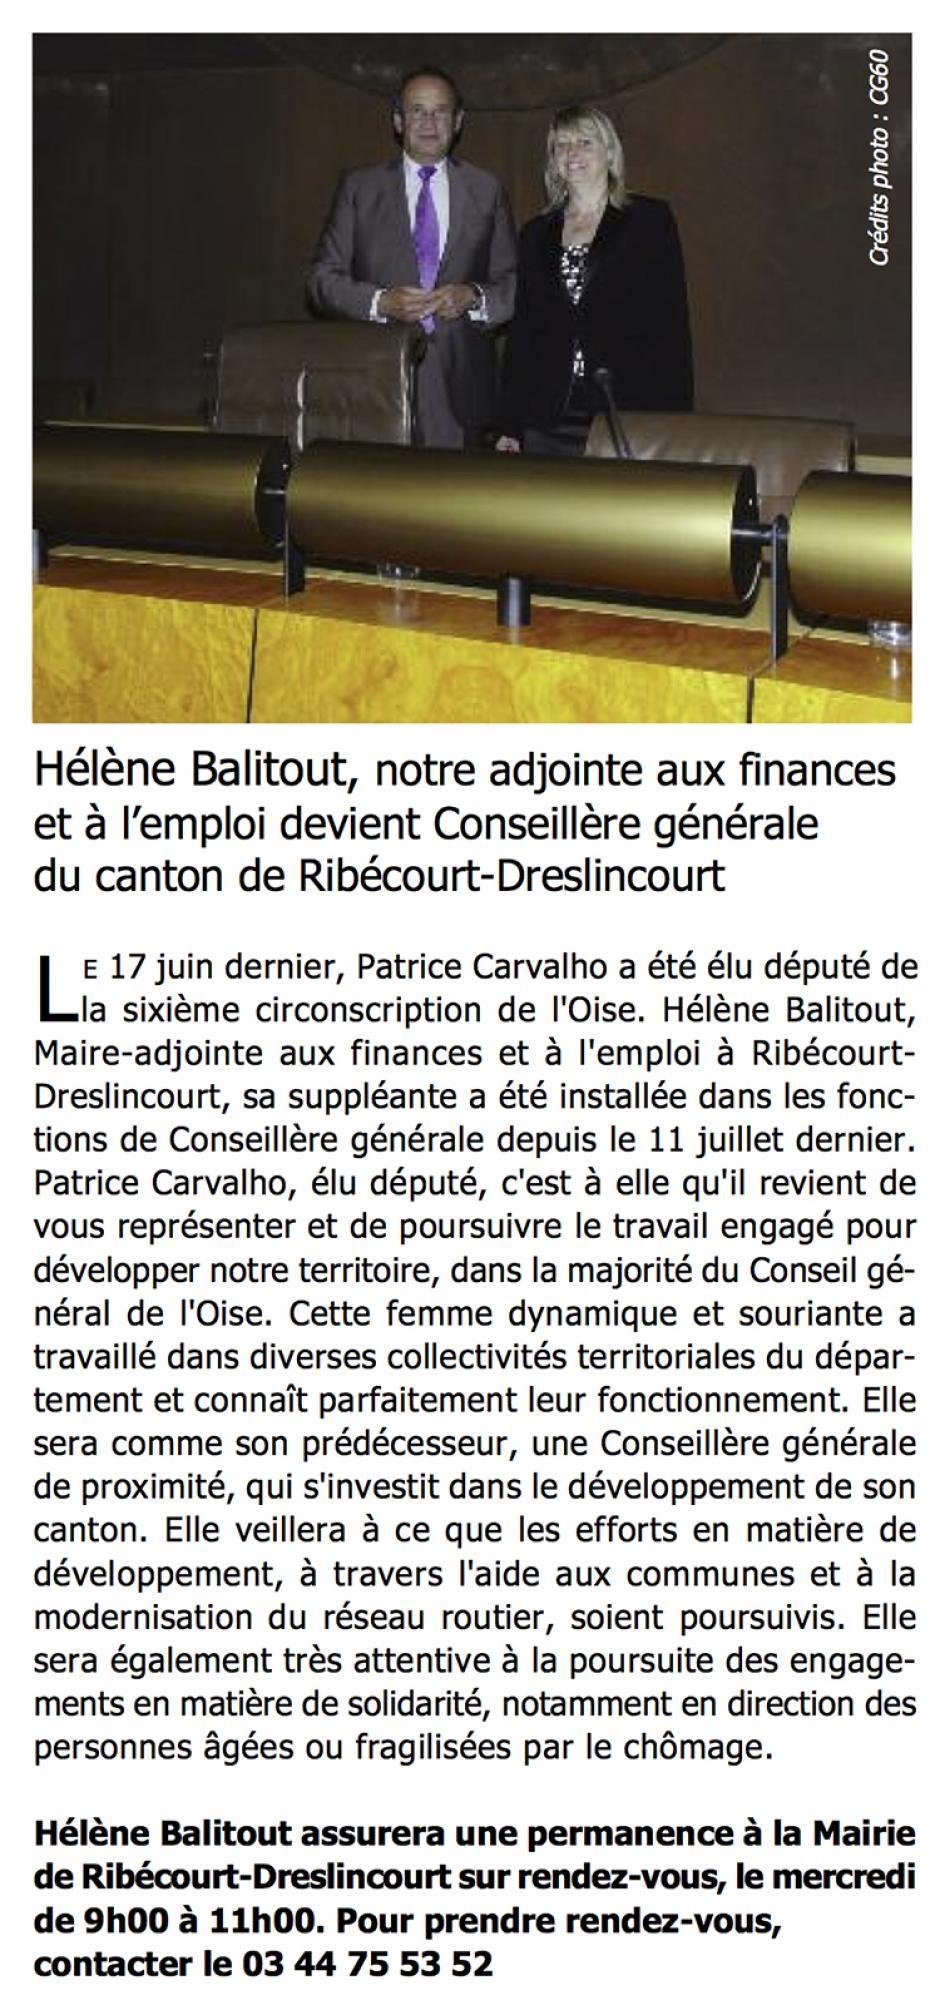 Hélène Balitout, notre adjointe aux finances et à l'emploi devient conseillère générale du canton de Ribécourt-Dreslincourt - Bulletin municipal de Ribécourt-Dreslincourt, novembre 2012